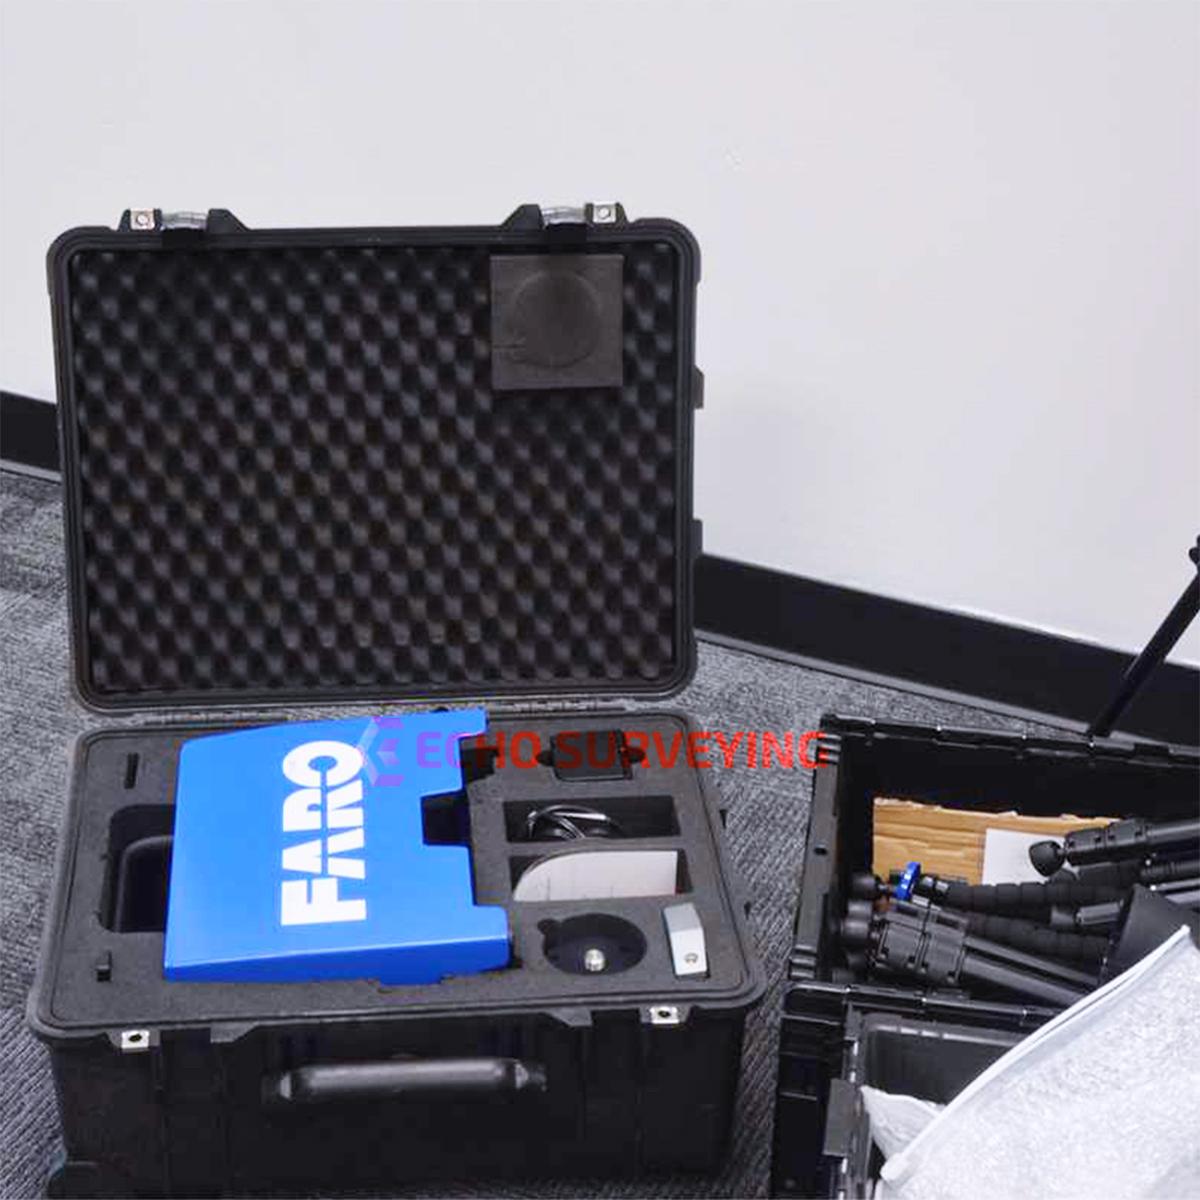 Used-Faro-Focus-3D-X-330-HDR-Scanner.jpg